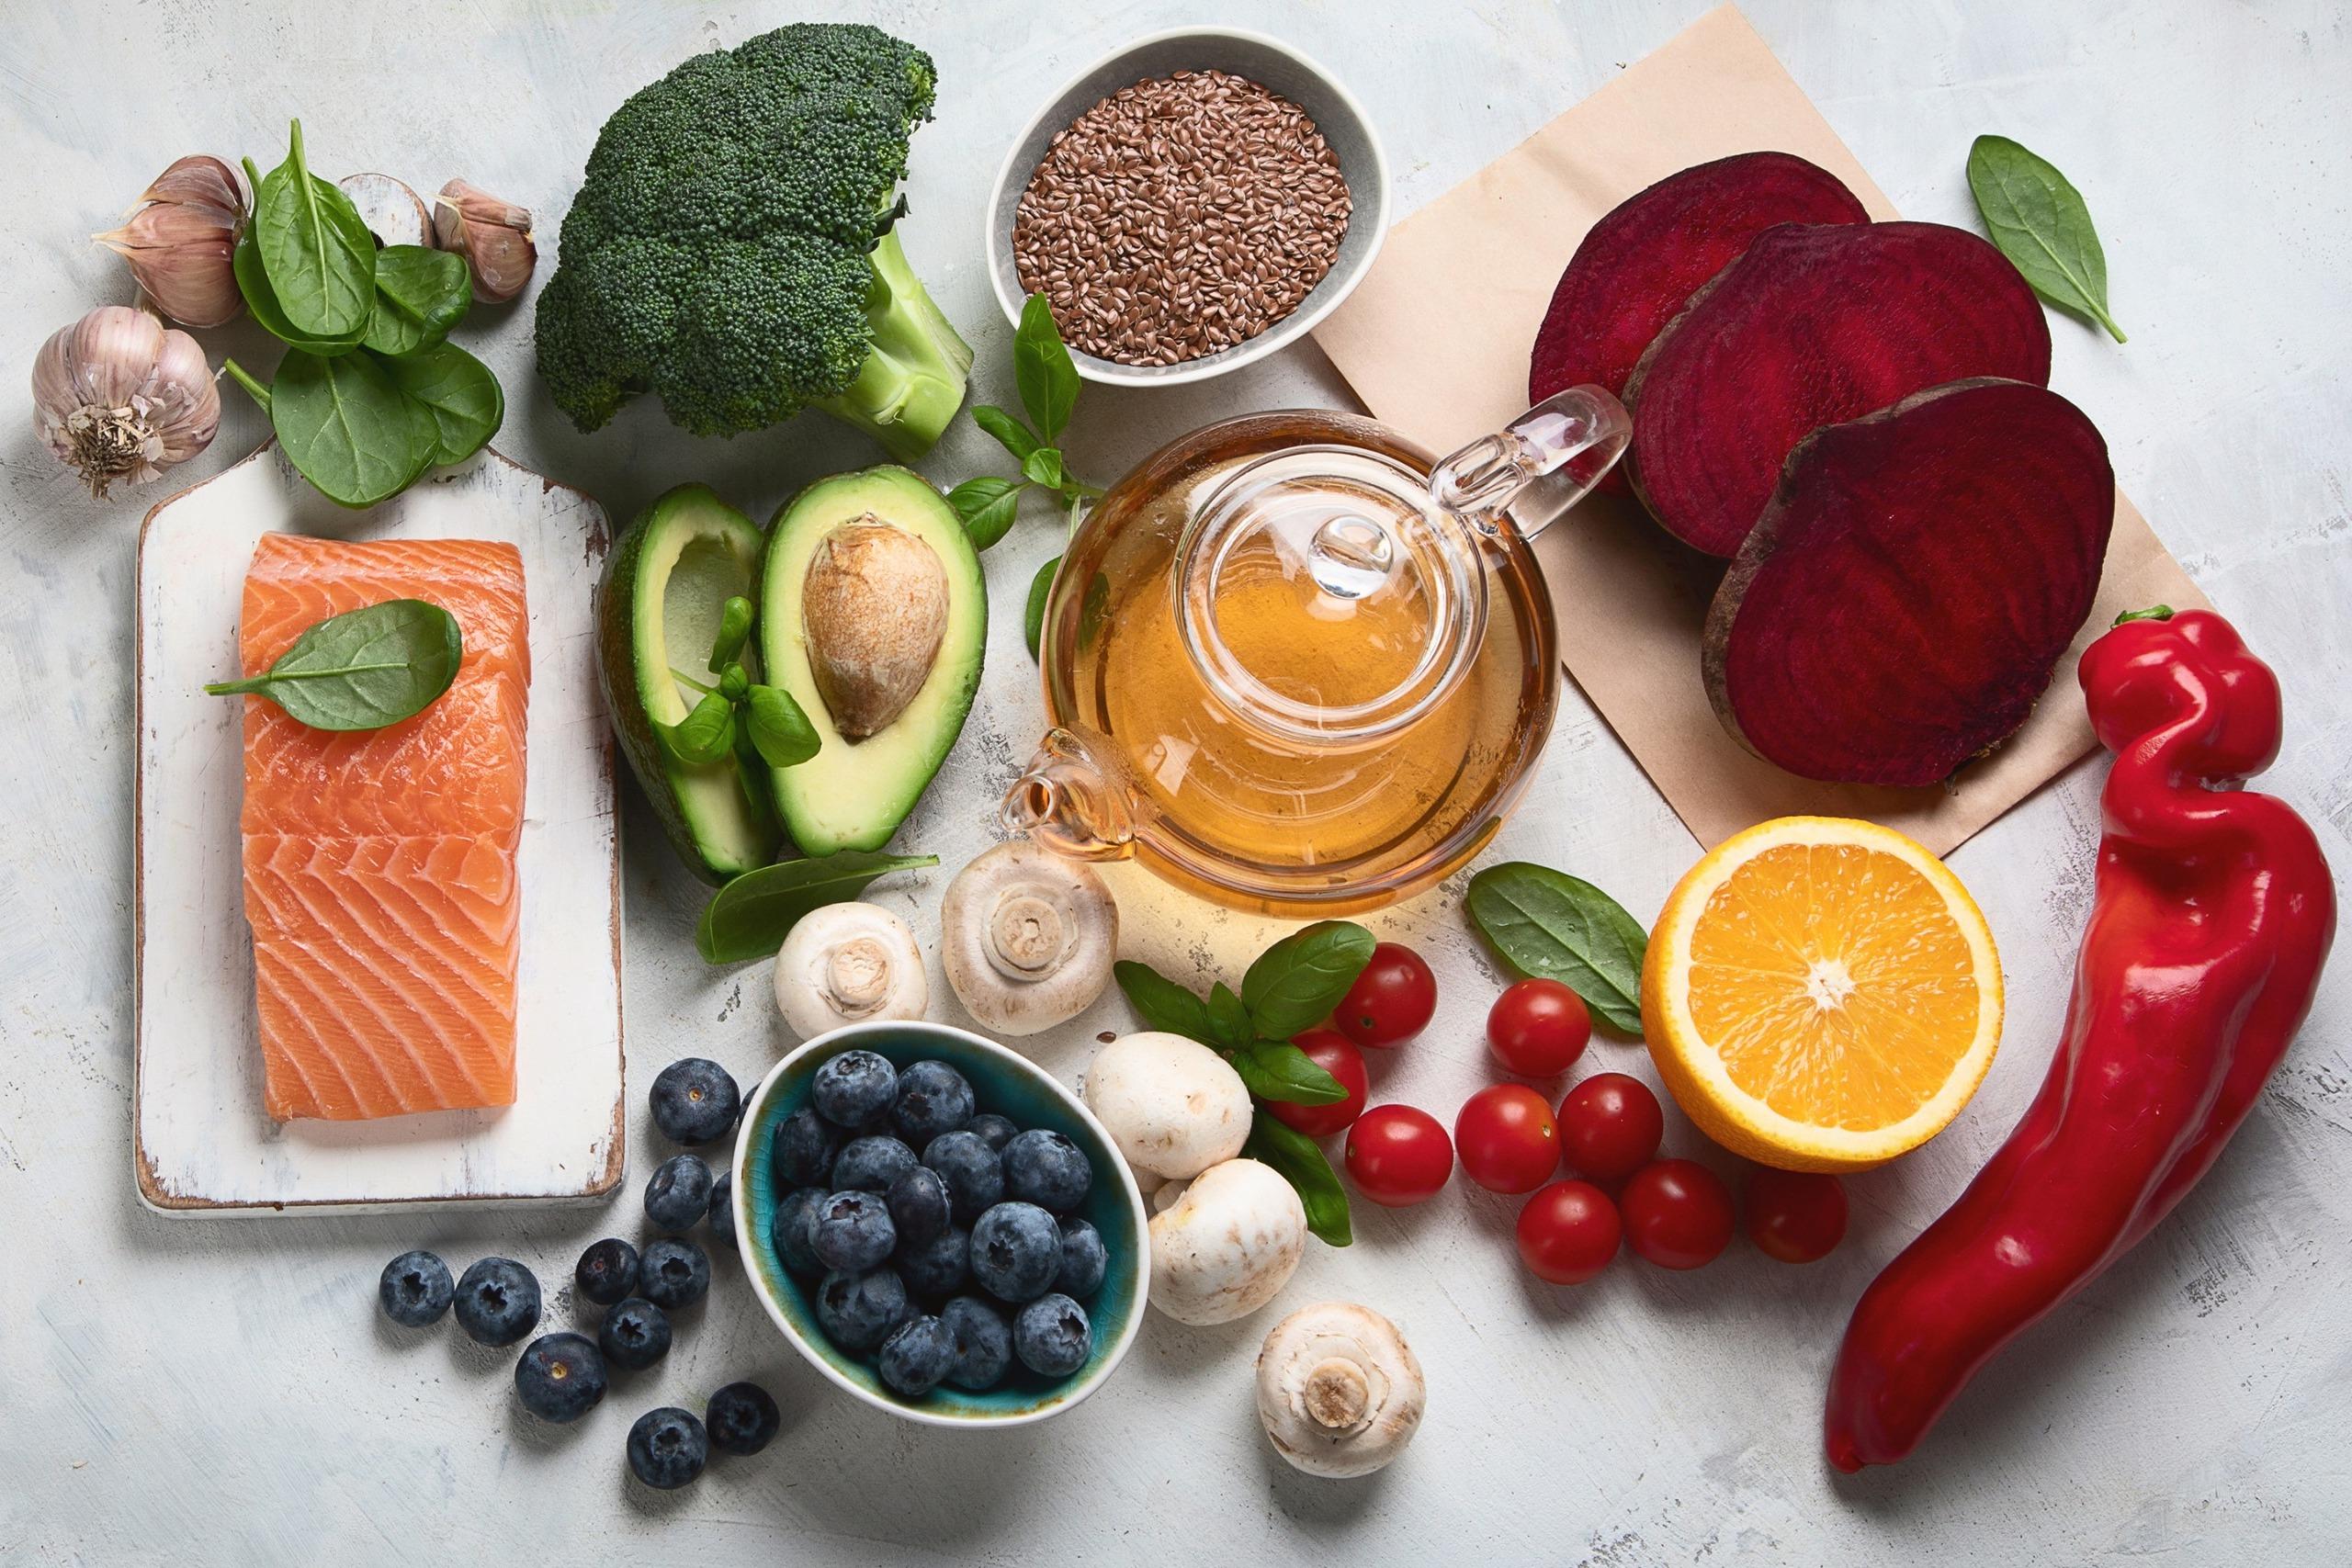 Dieta Anti-inflamatória: o que é, benefícios e como fazer